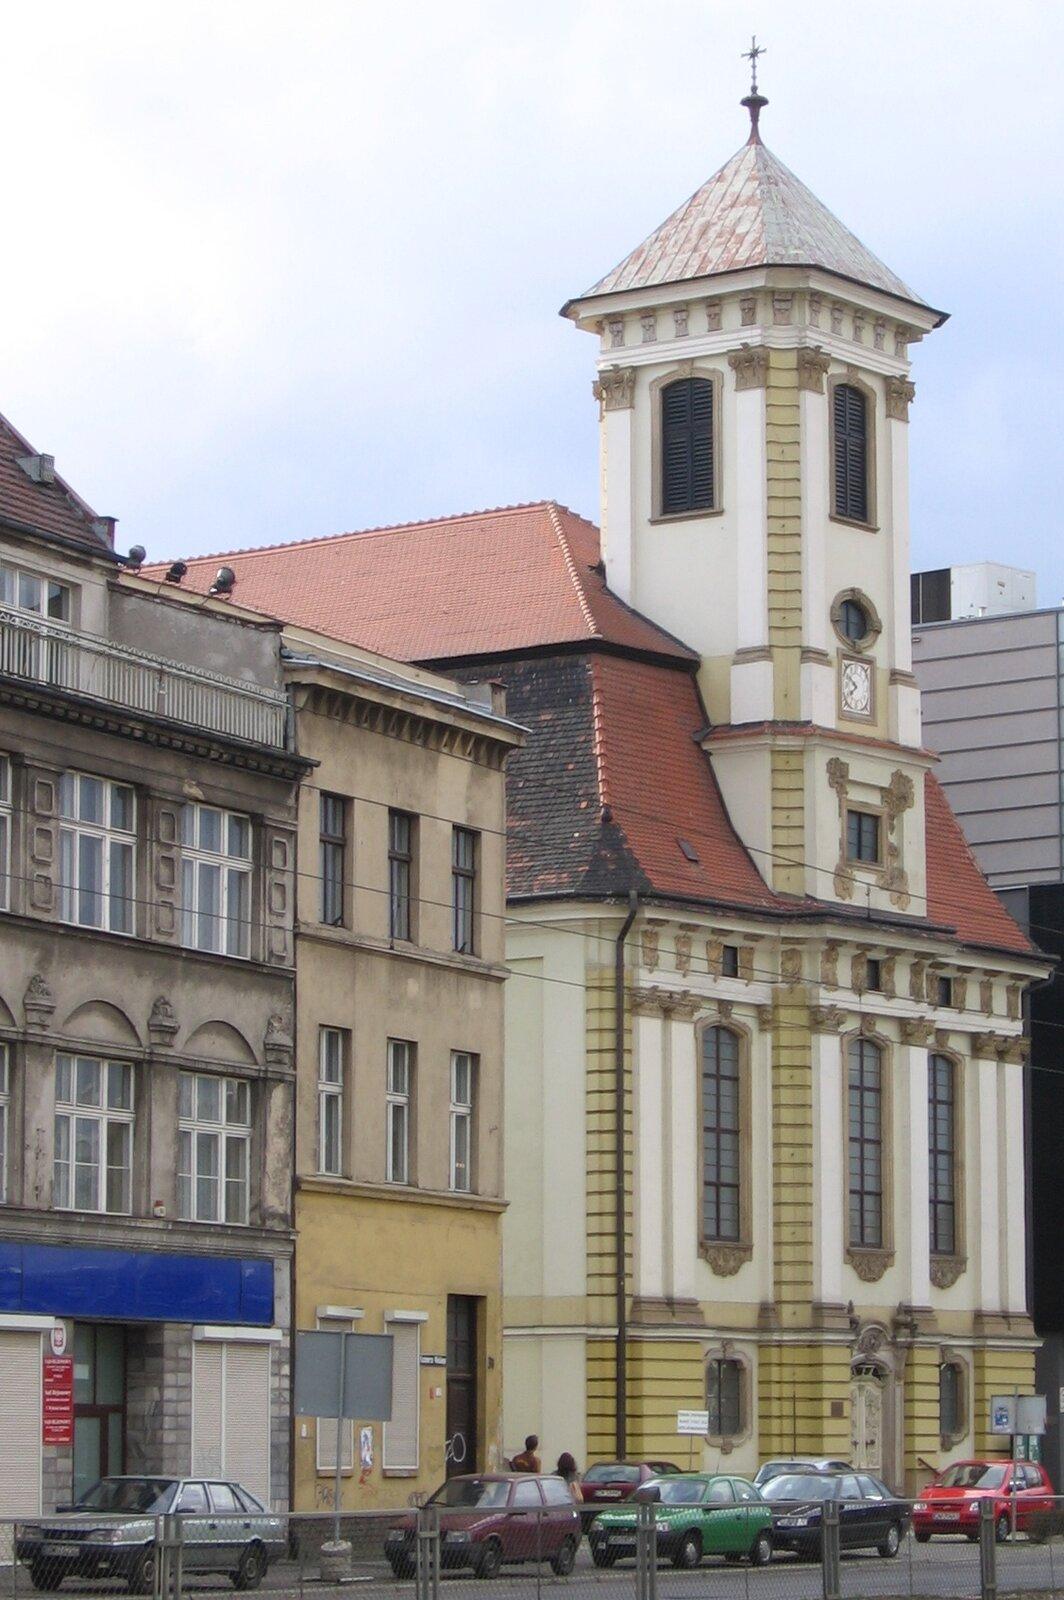 Kościółpowstał w1750 r.,obsługiwał wspólnotę reformowaną (kalwińską) Wrocławia. Wzniesiono go wg planów Friedrich Arnolda oraz Johanna Baumanna wstylu późnobarokowym. Kościółpowstał w1750 r.,obsługiwał wspólnotę reformowaną (kalwińską) Wrocławia. Wzniesiono go wg planów Friedrich Arnolda oraz Johanna Baumanna wstylu późnobarokowym. Źródło: domena publiczna.